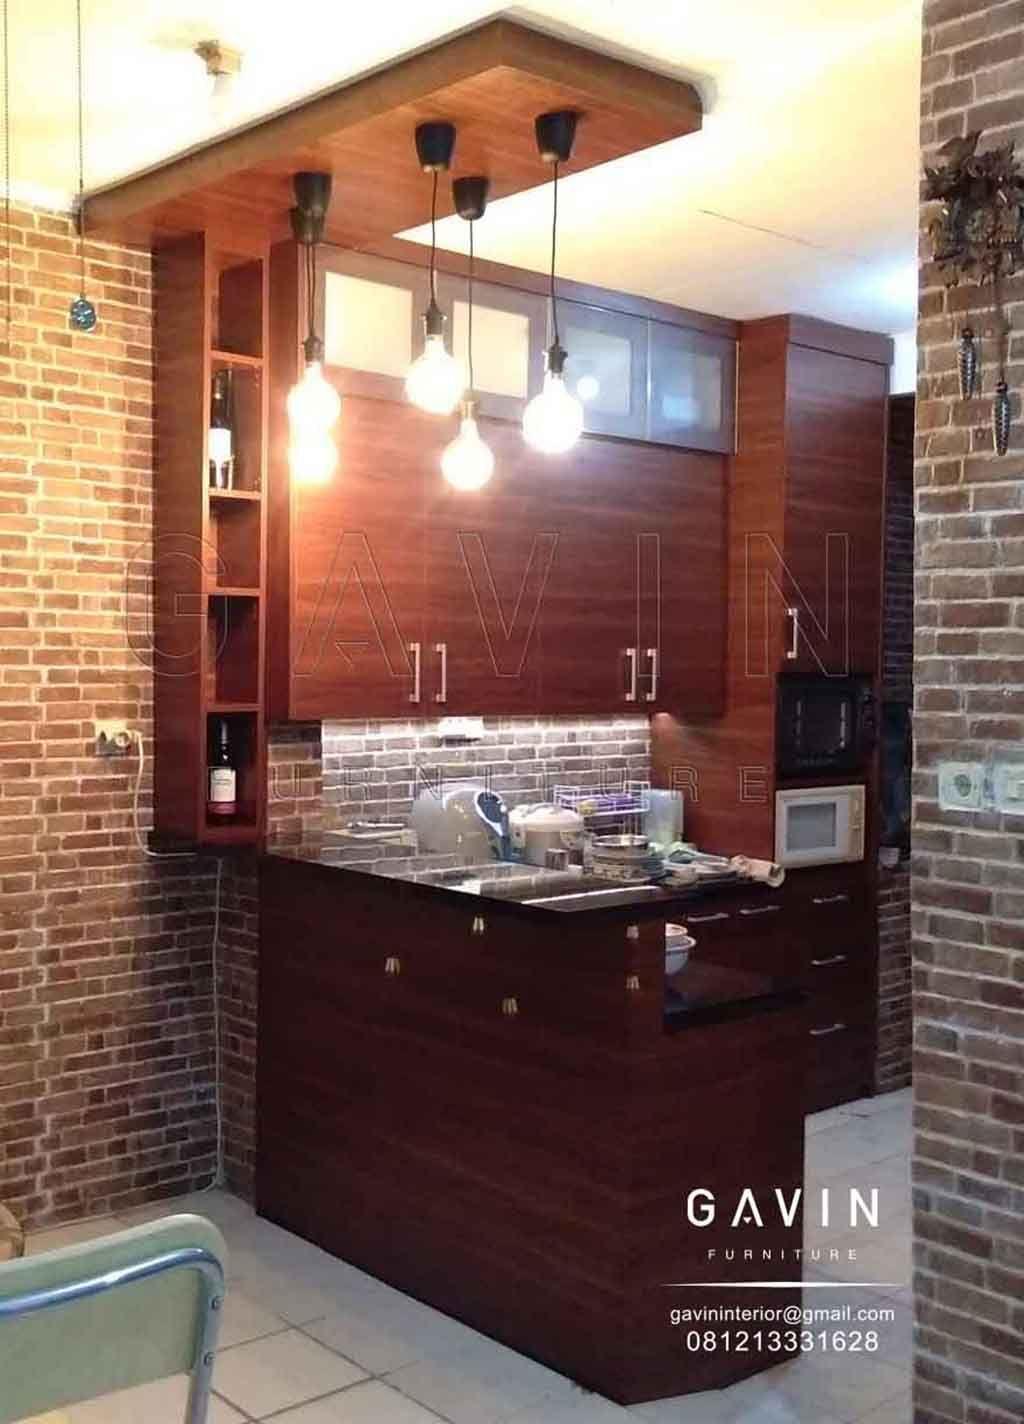 Buat Lemari Dapur Dan Meja Bar Bisa Anda Lakukan Dengan Mudah Dan Cepat Untuk Anda Yang Berada Di Tanah Sereal Tam Lemari Dapur Pembuatan Lemari Interior Dapur